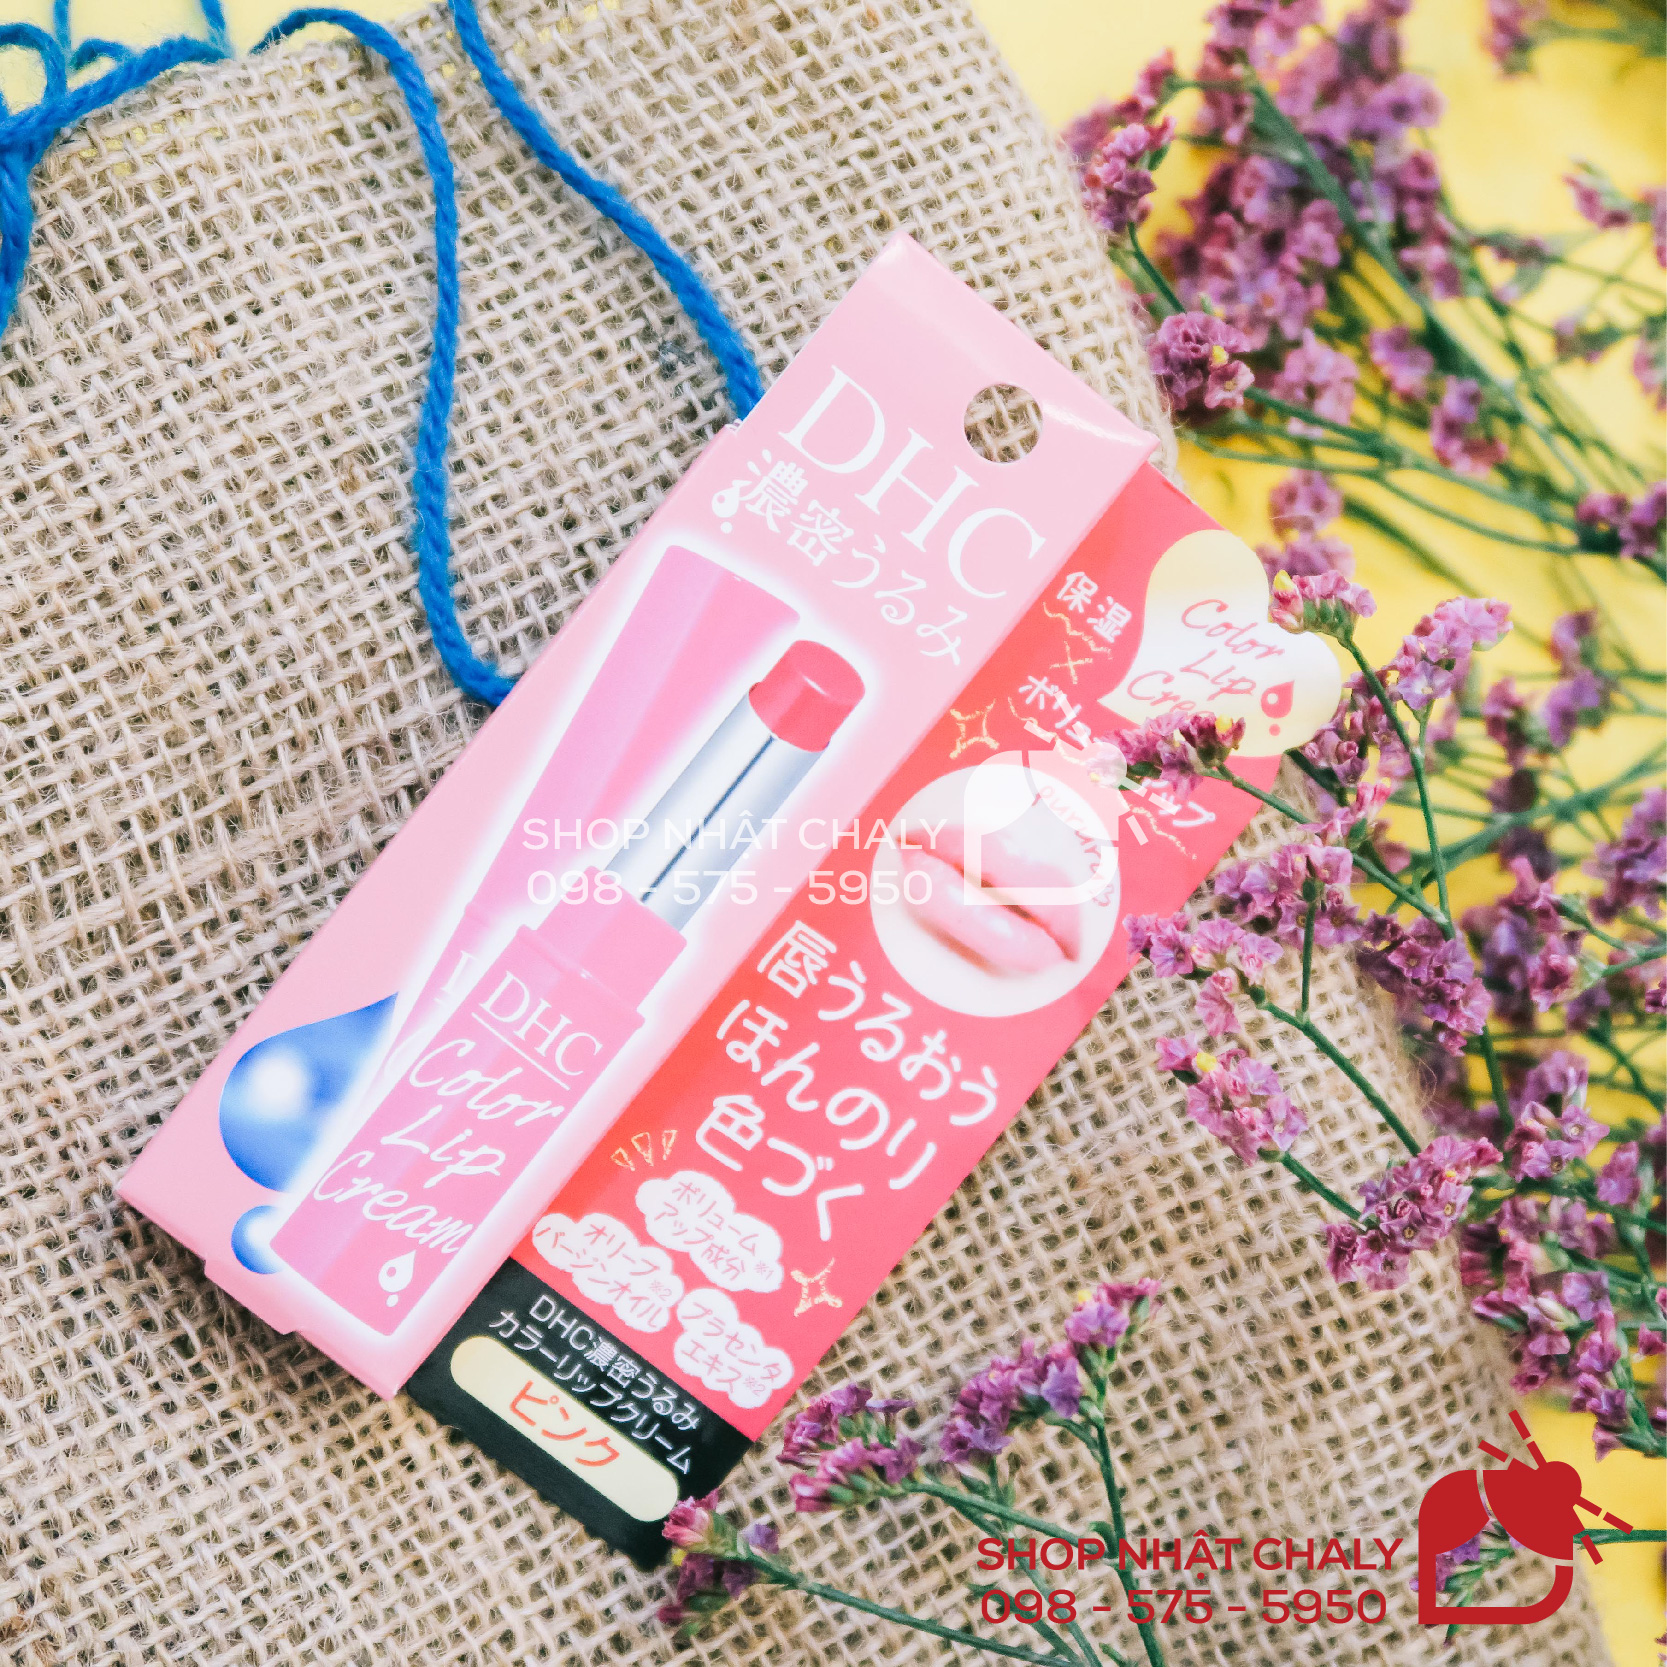 Son DHC màu hồng lên màu nhẹ nhàng như cánh hoa hồng phai, phù hợp với những nàng lãng mạn, trẻ trung